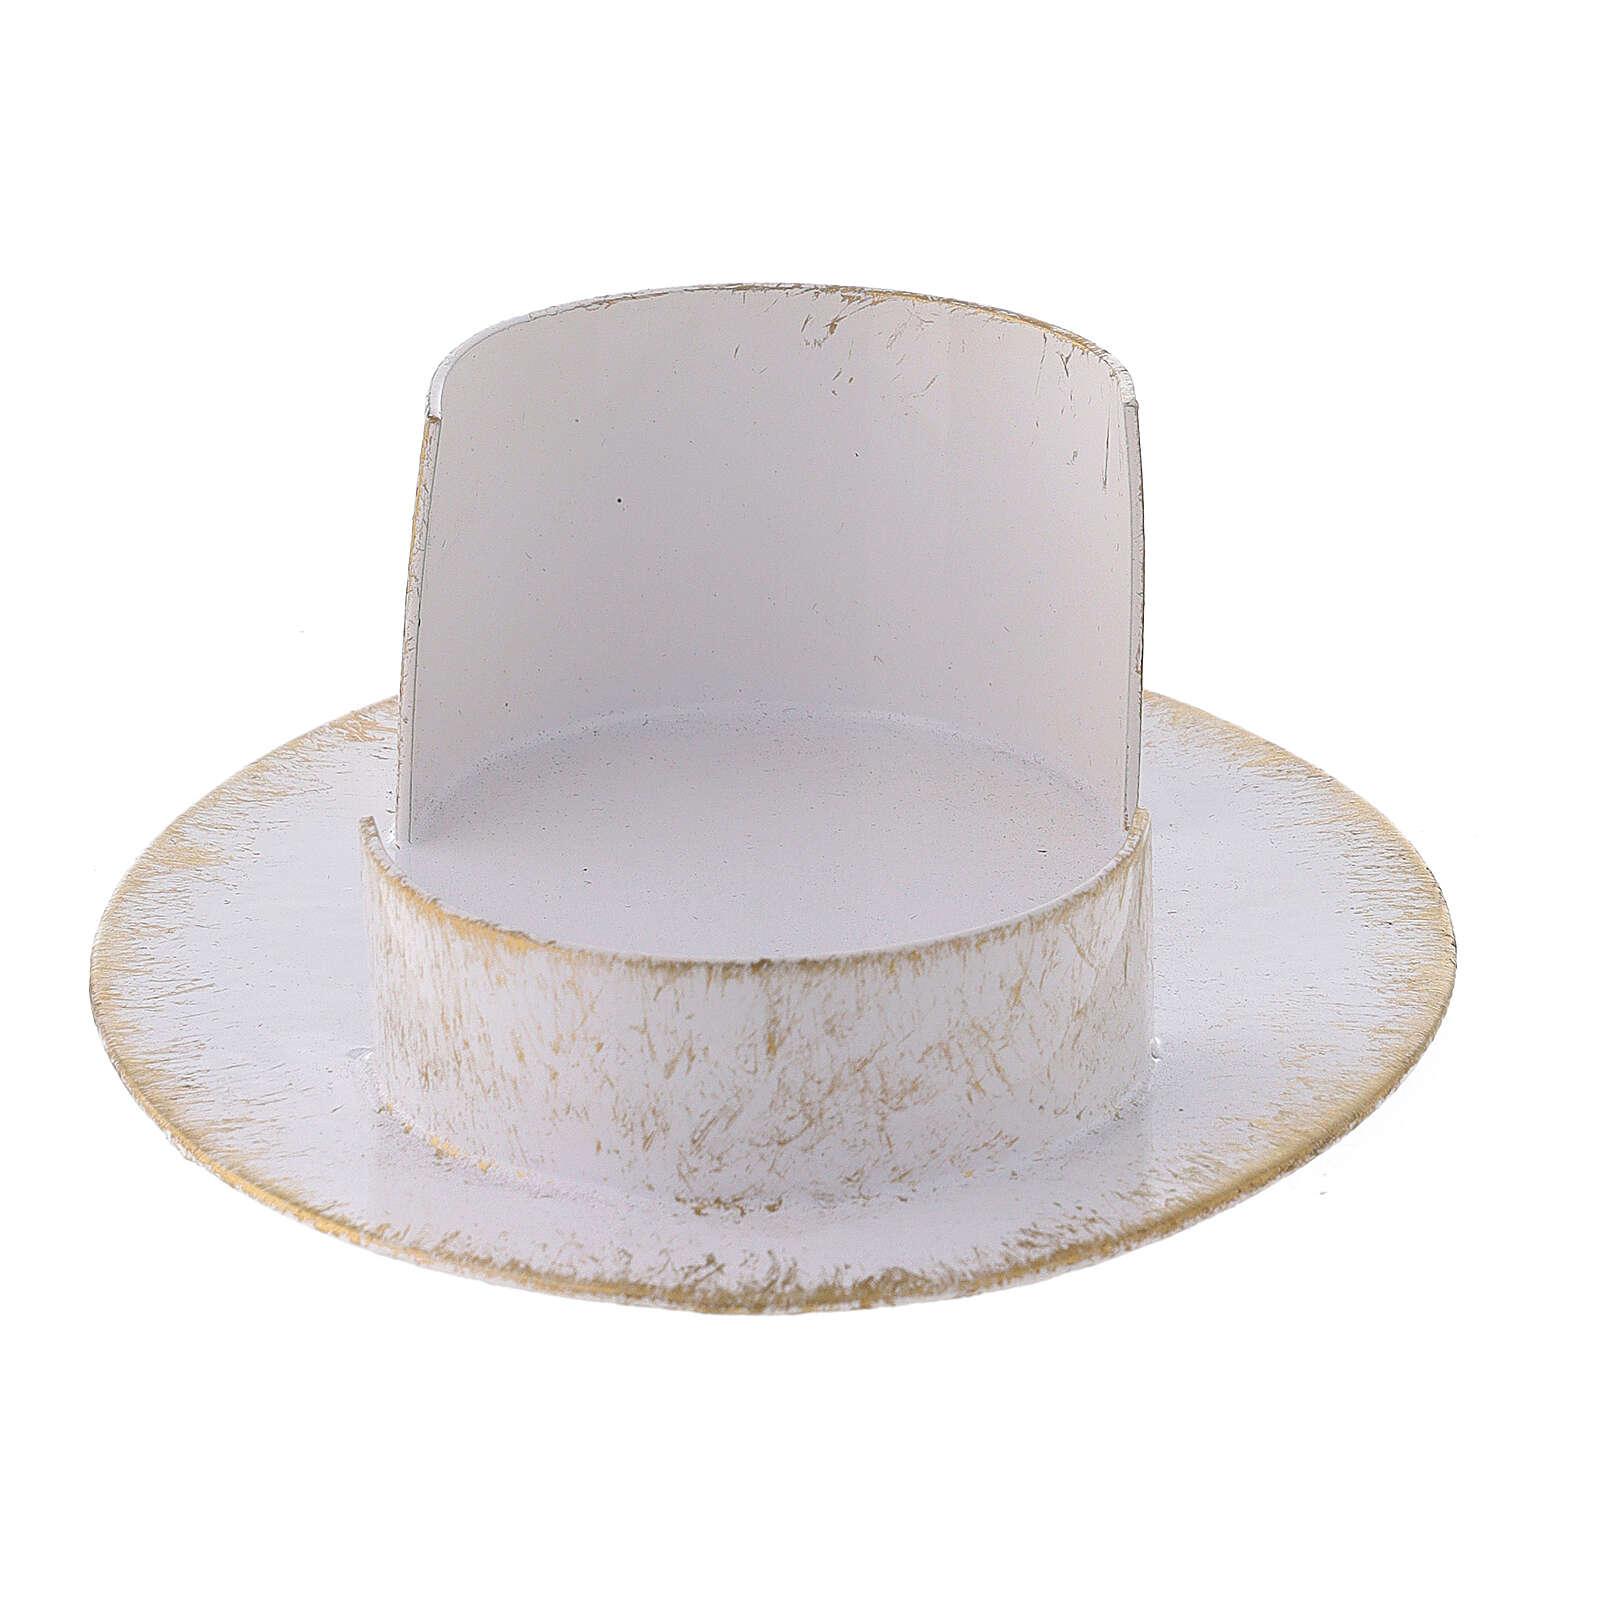 Base candela ovale ottone bianco oro 9x5 cm 3